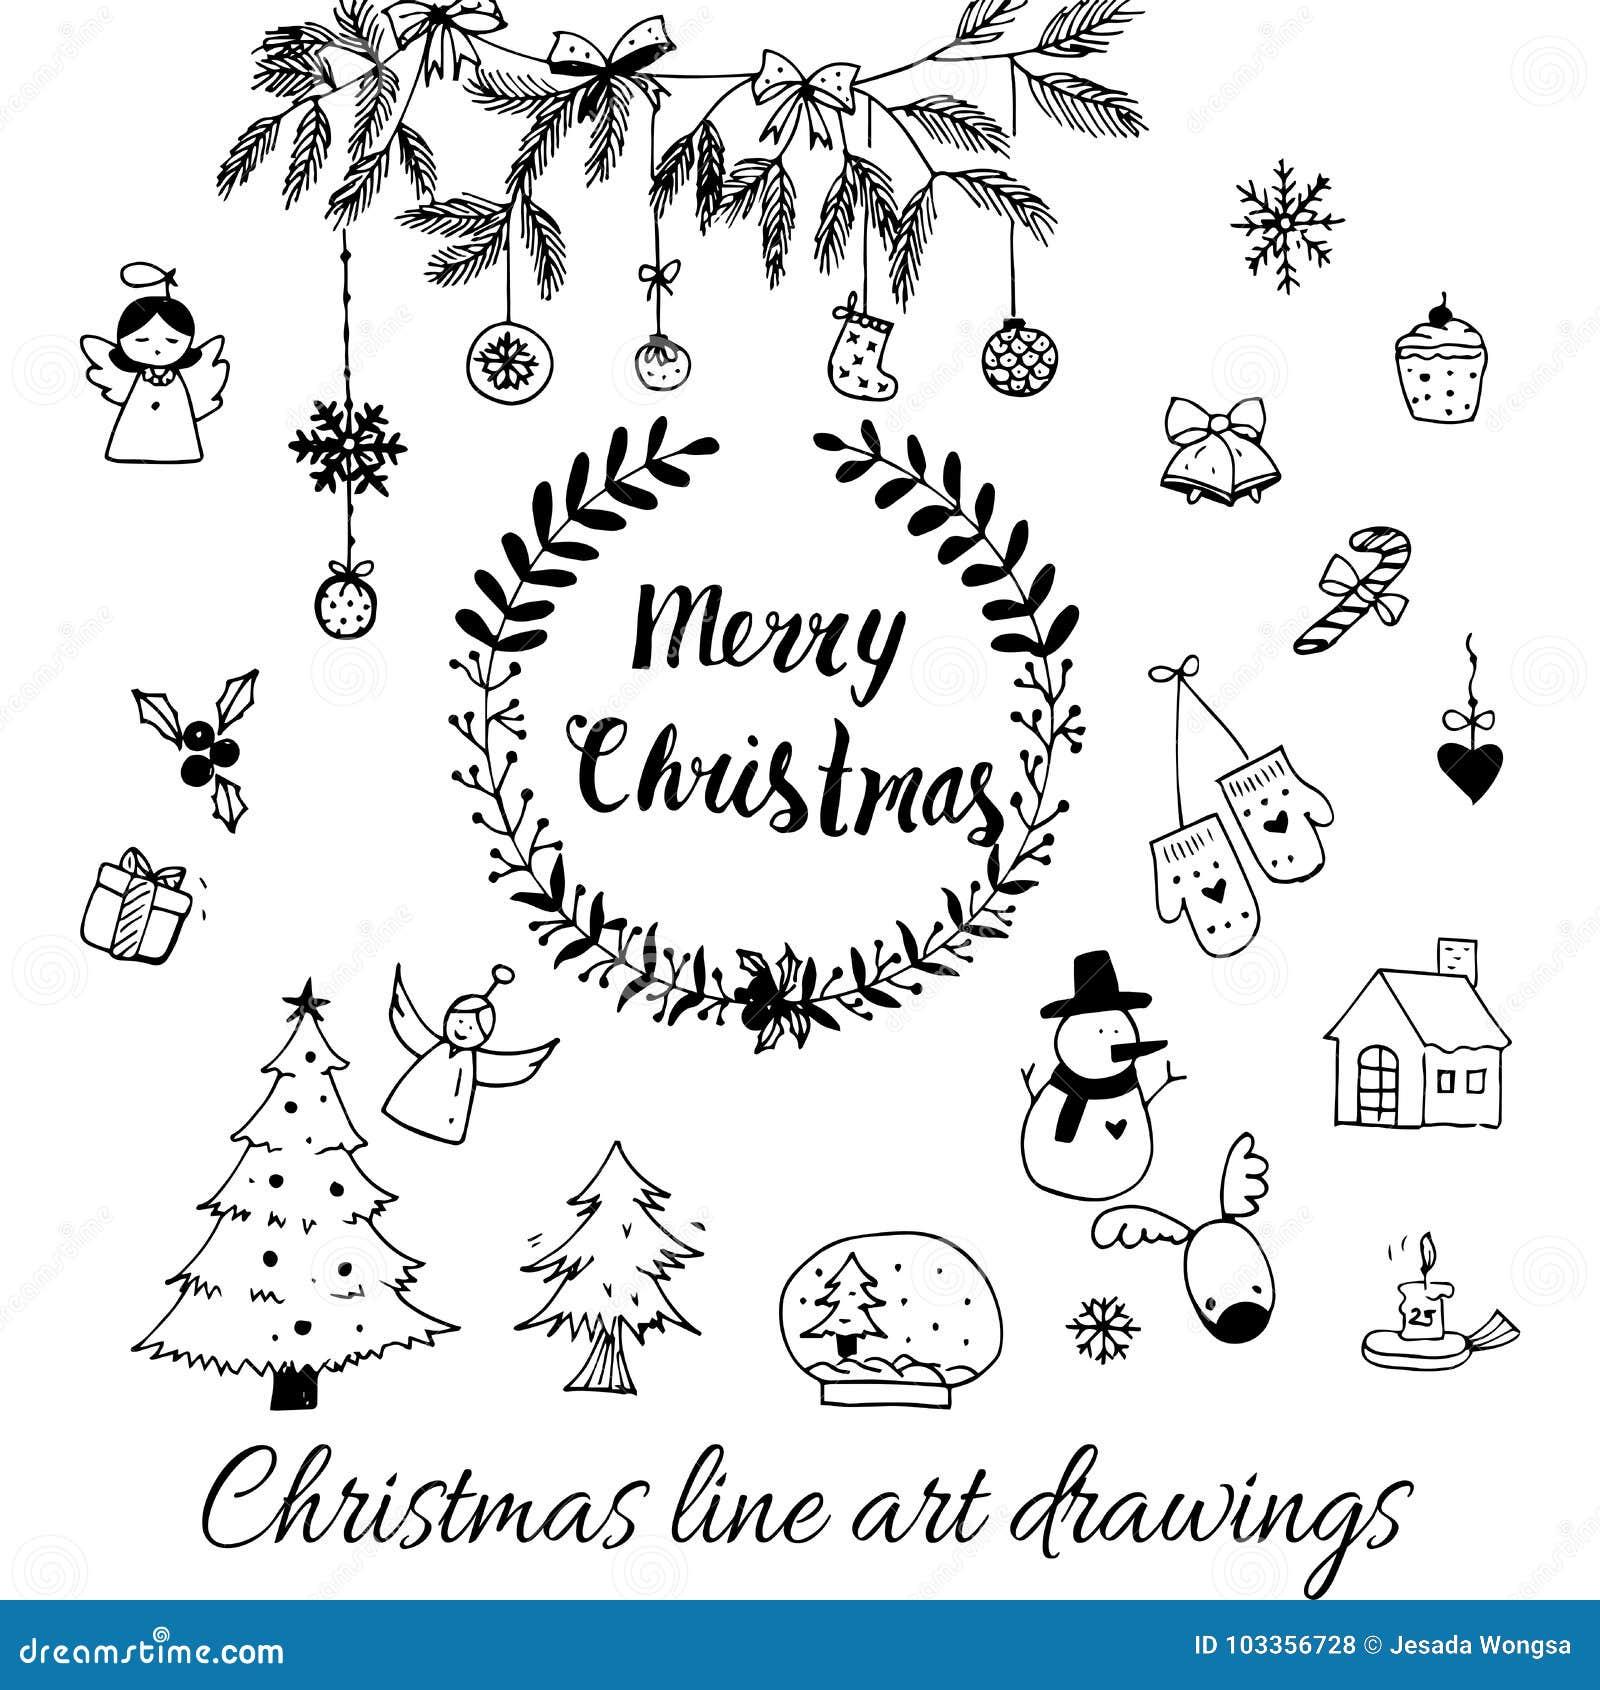 Disegni Di Natale Vettoriali.Vettore Disegnato A Mano Di Scarabocchio Linea Disegni Di Natale Di